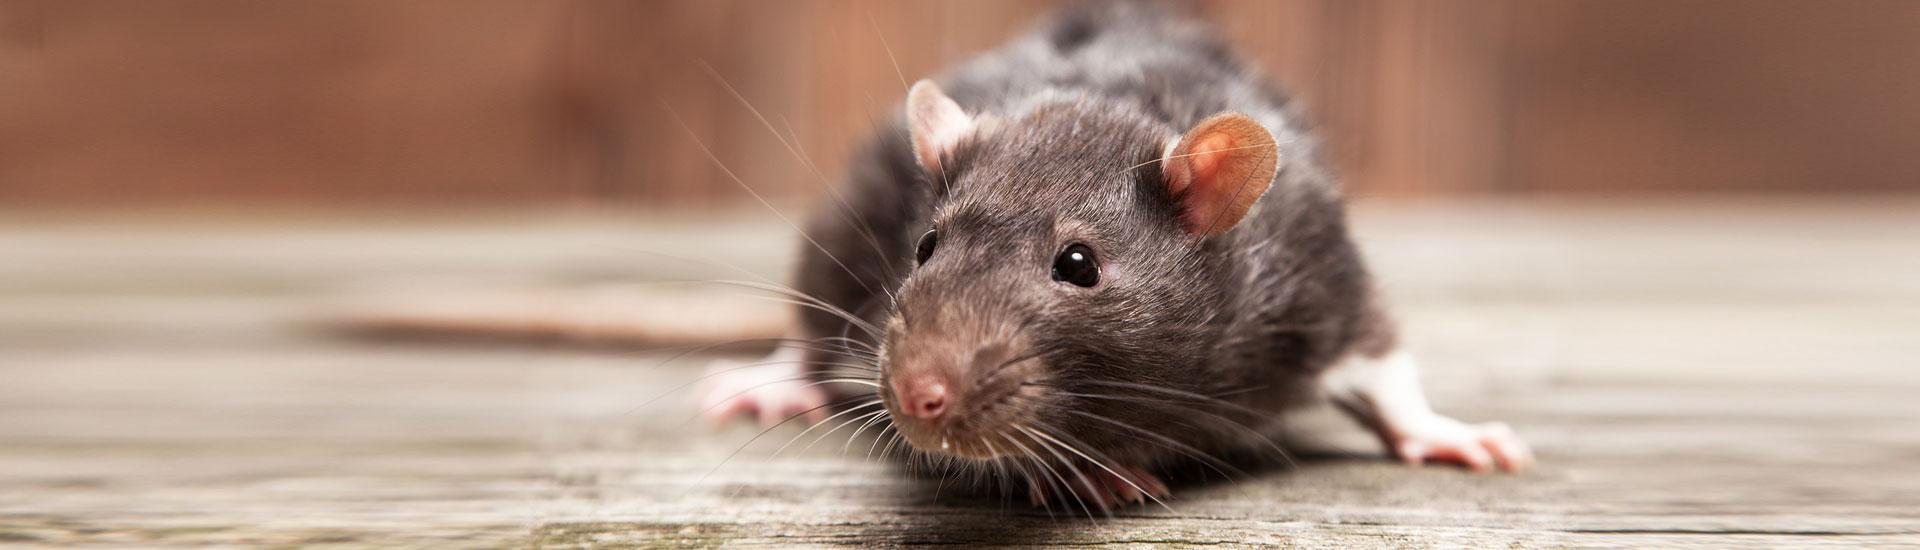 AB Prokill, gestion permanente de nuisibles (insectes, taupes, pigeons, rats) en Belgique comme à l'étranger